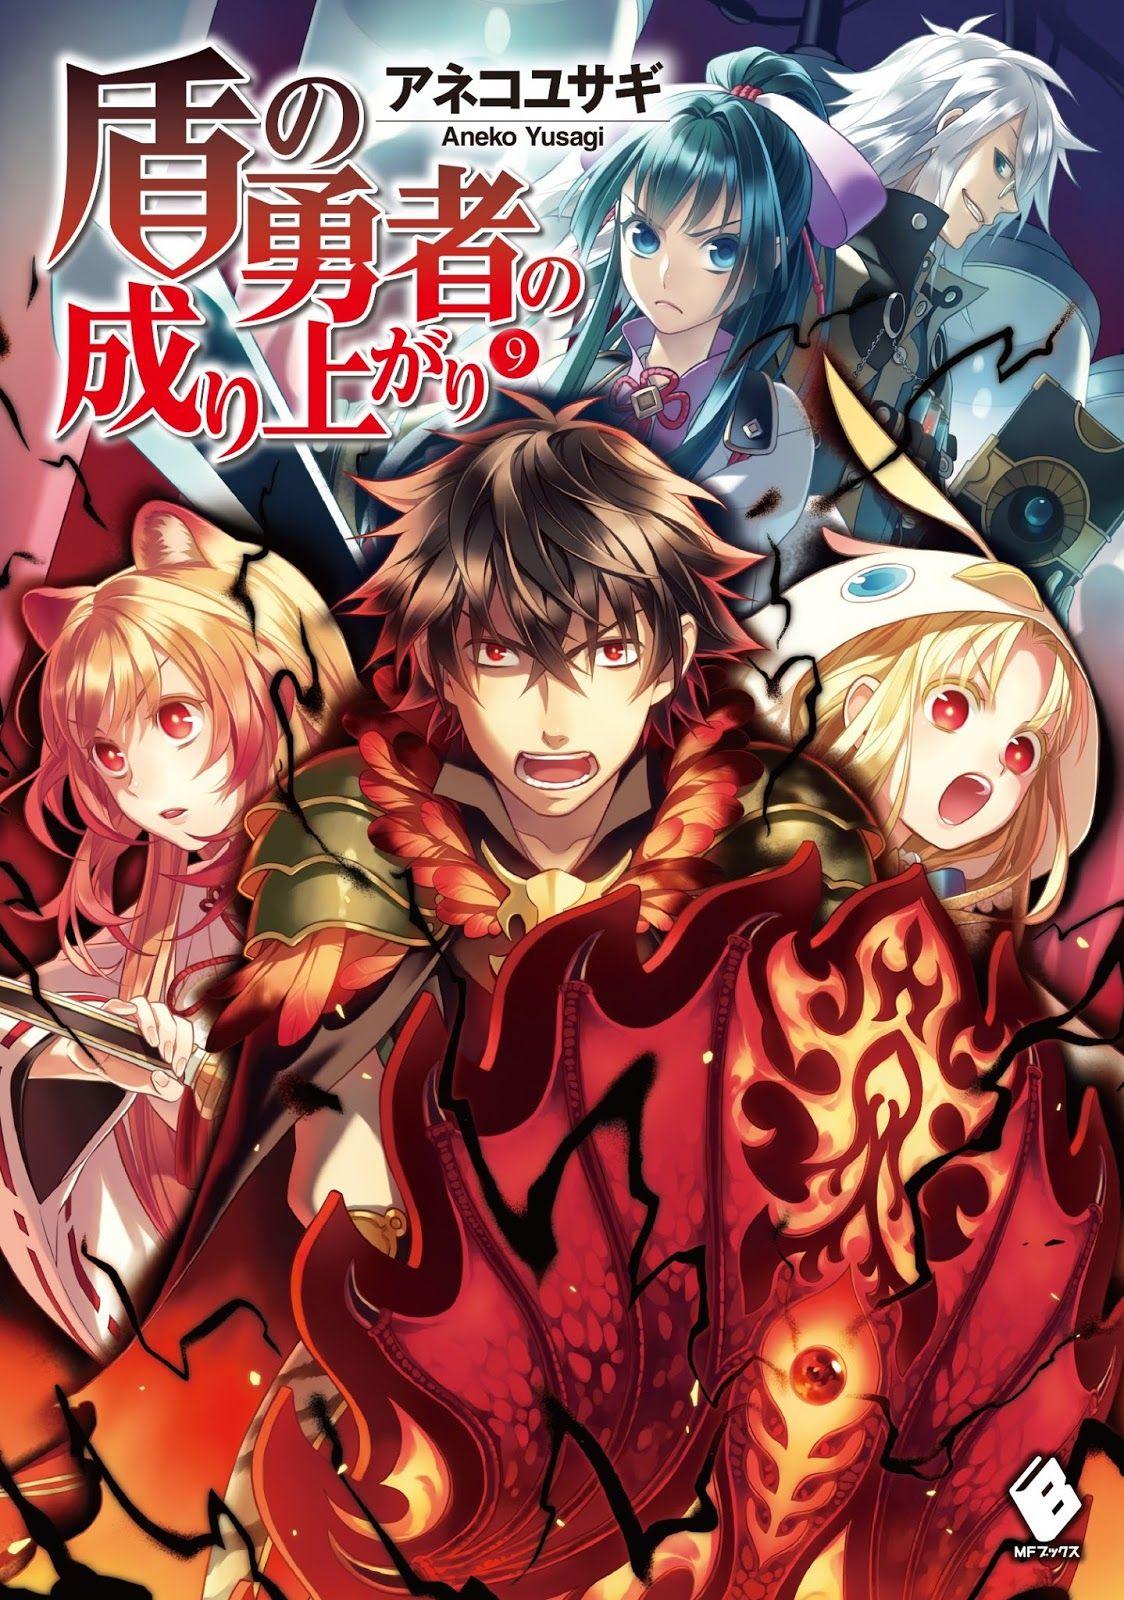 Tate no Yuusha no Nariagari Anime, Anime zone, The shield